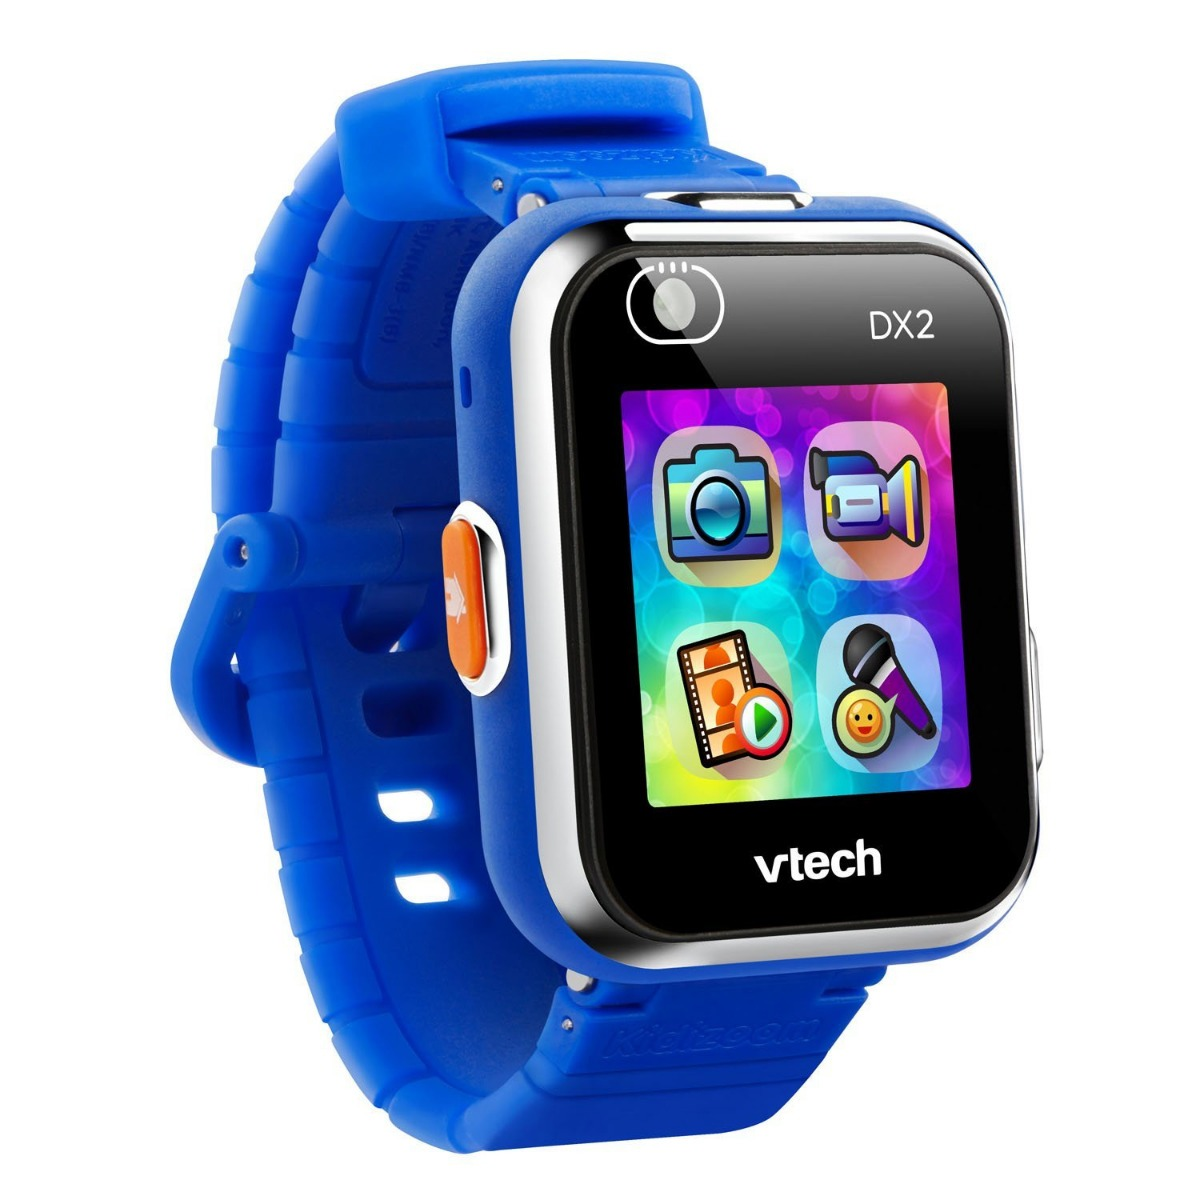 Reloj Dx2 Vtech Inteligente Smartwatch Kidizoom HID9beWEY2